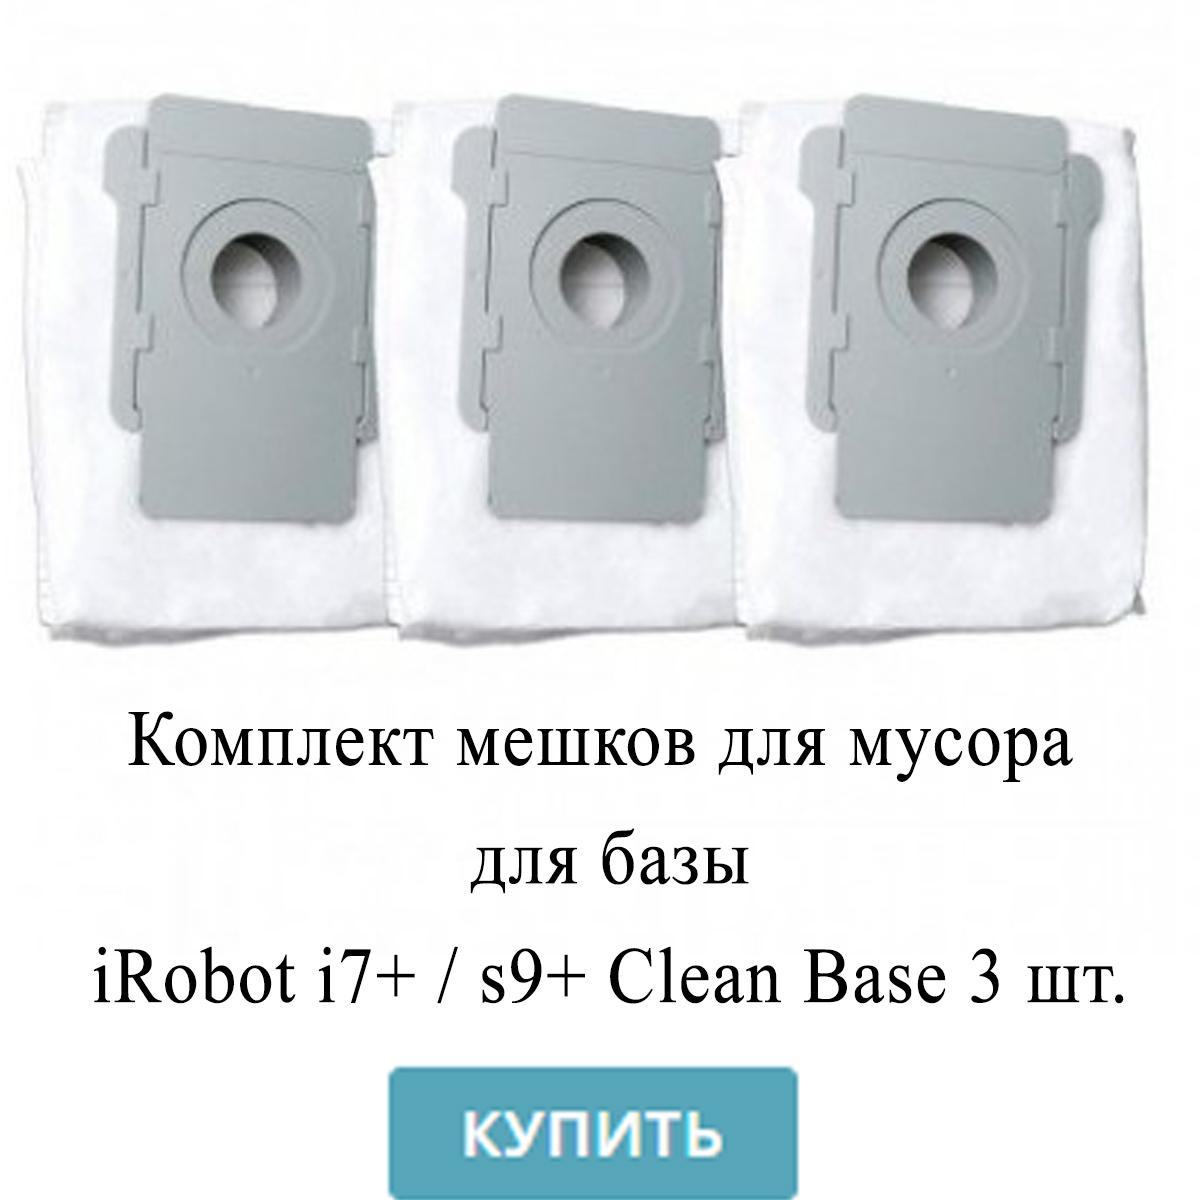 Комплект мешков для мусора для базы iRobot i7+ / s9+ Clean Base 3 шт.